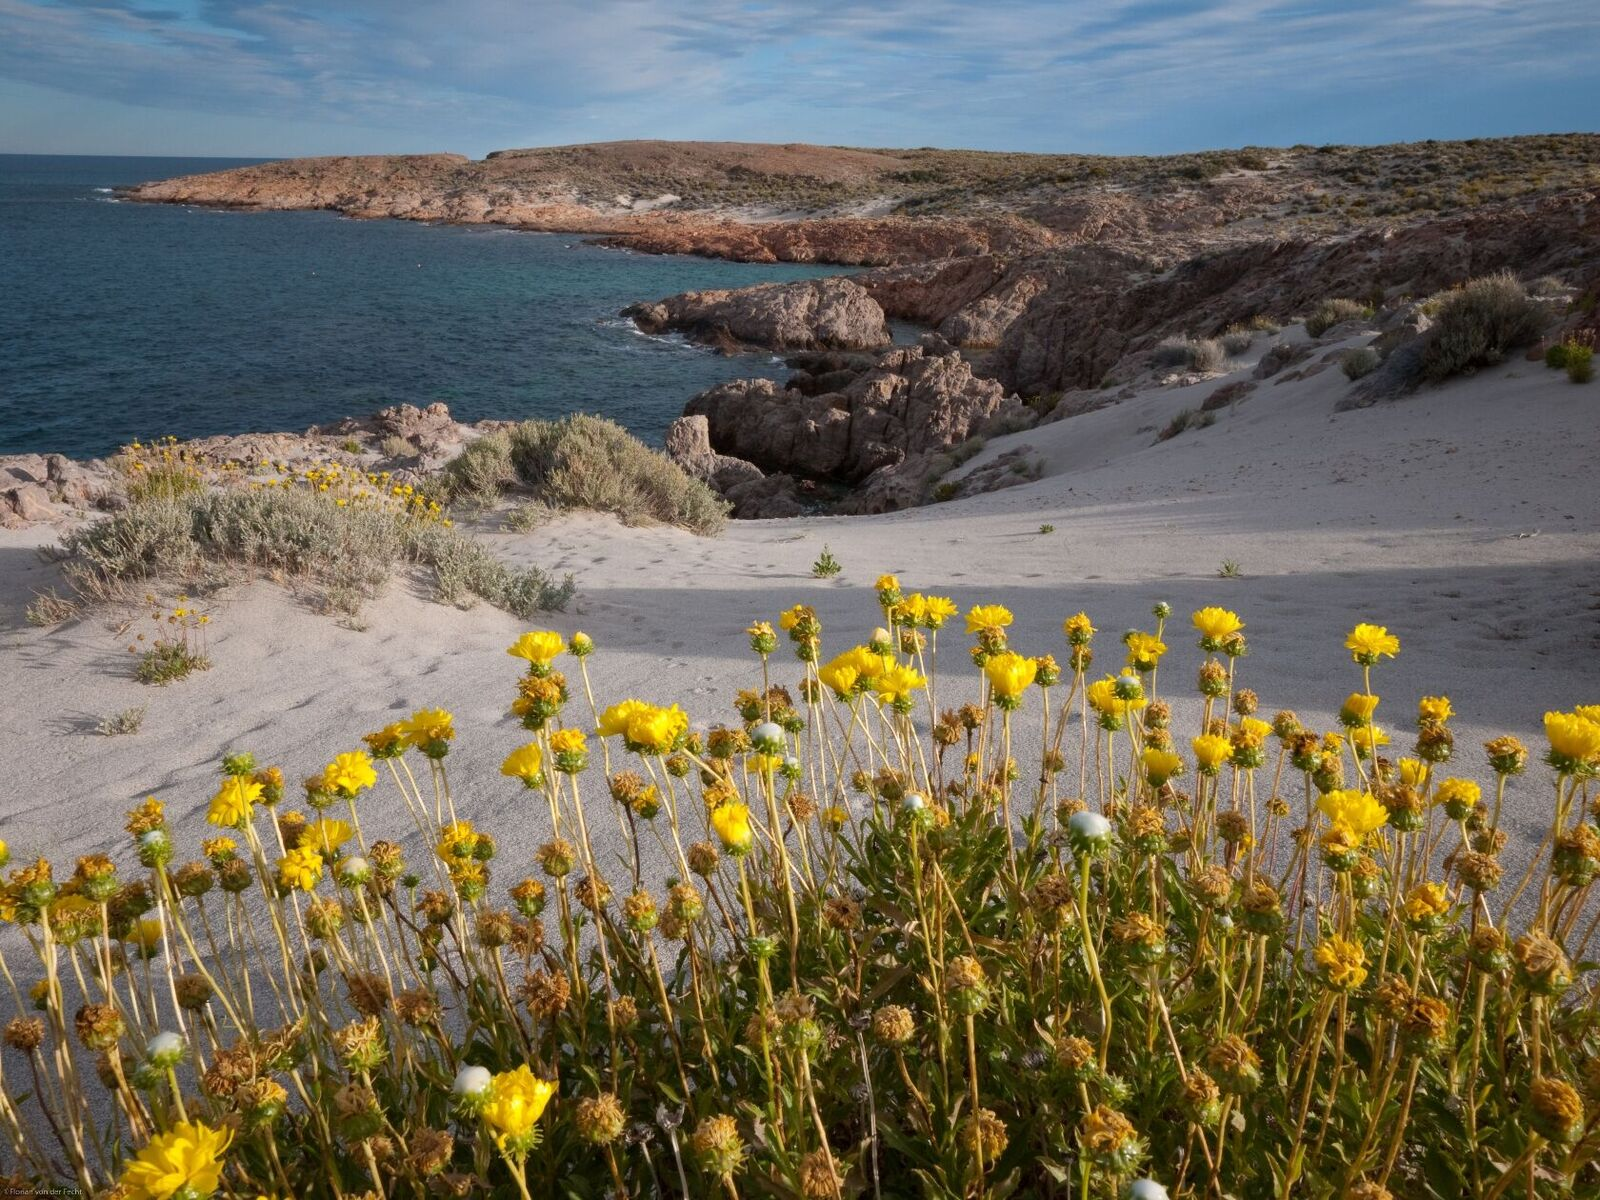 Coastline of Patagonia, Argentina